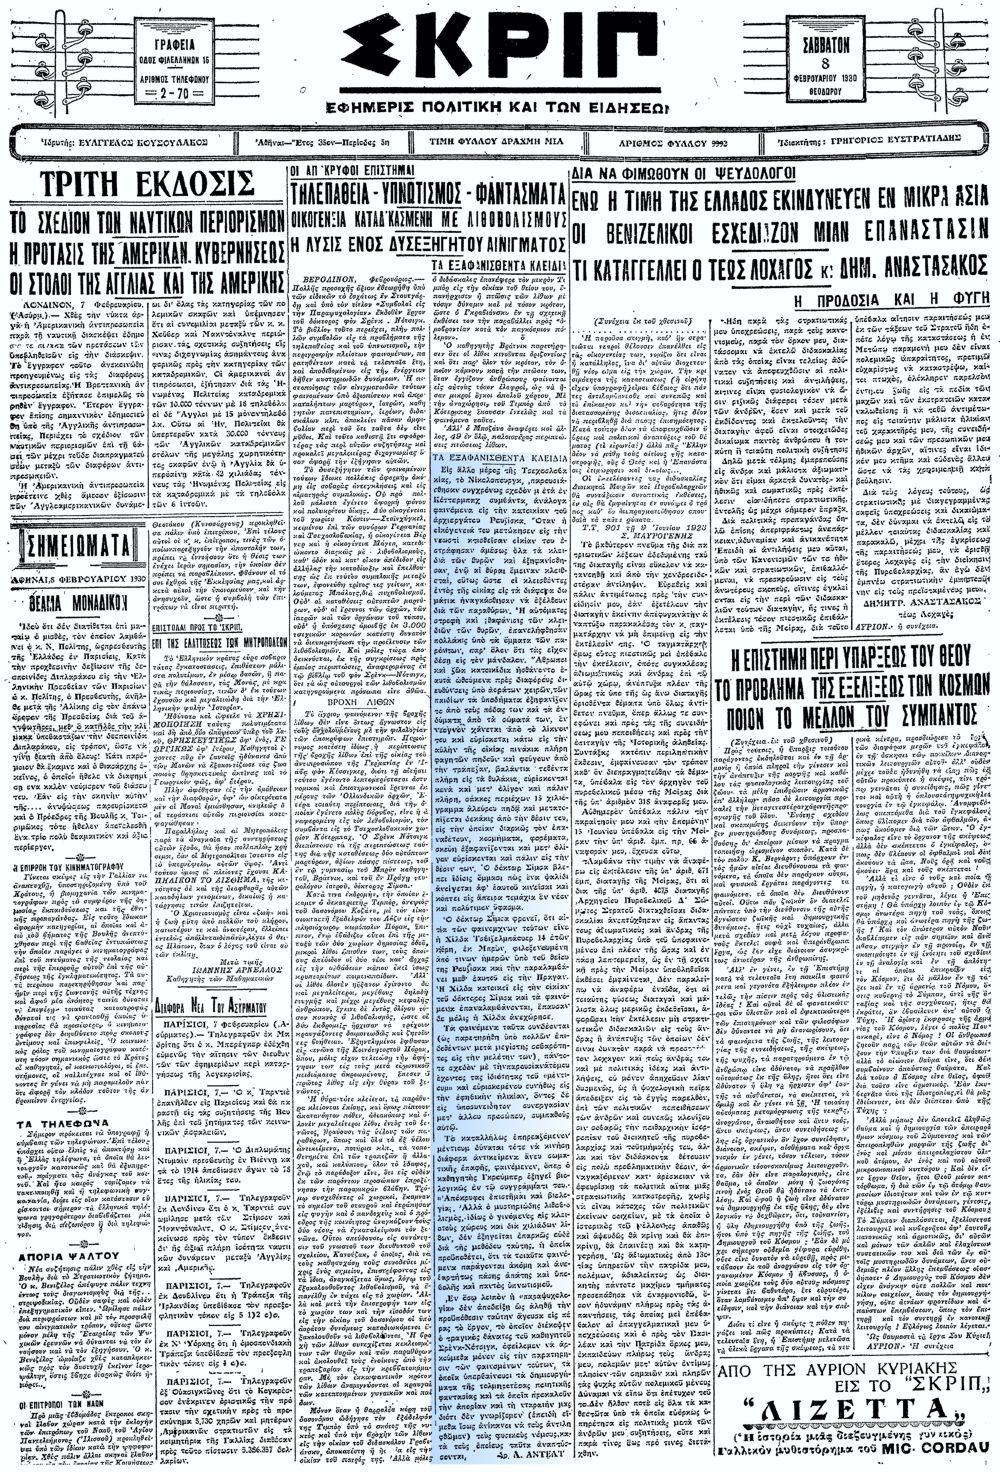 """Το άρθρο, όπως δημοσιεύθηκε στην εφημερίδα """"ΣΚΡΙΠ"""", στις 08/02/1930"""